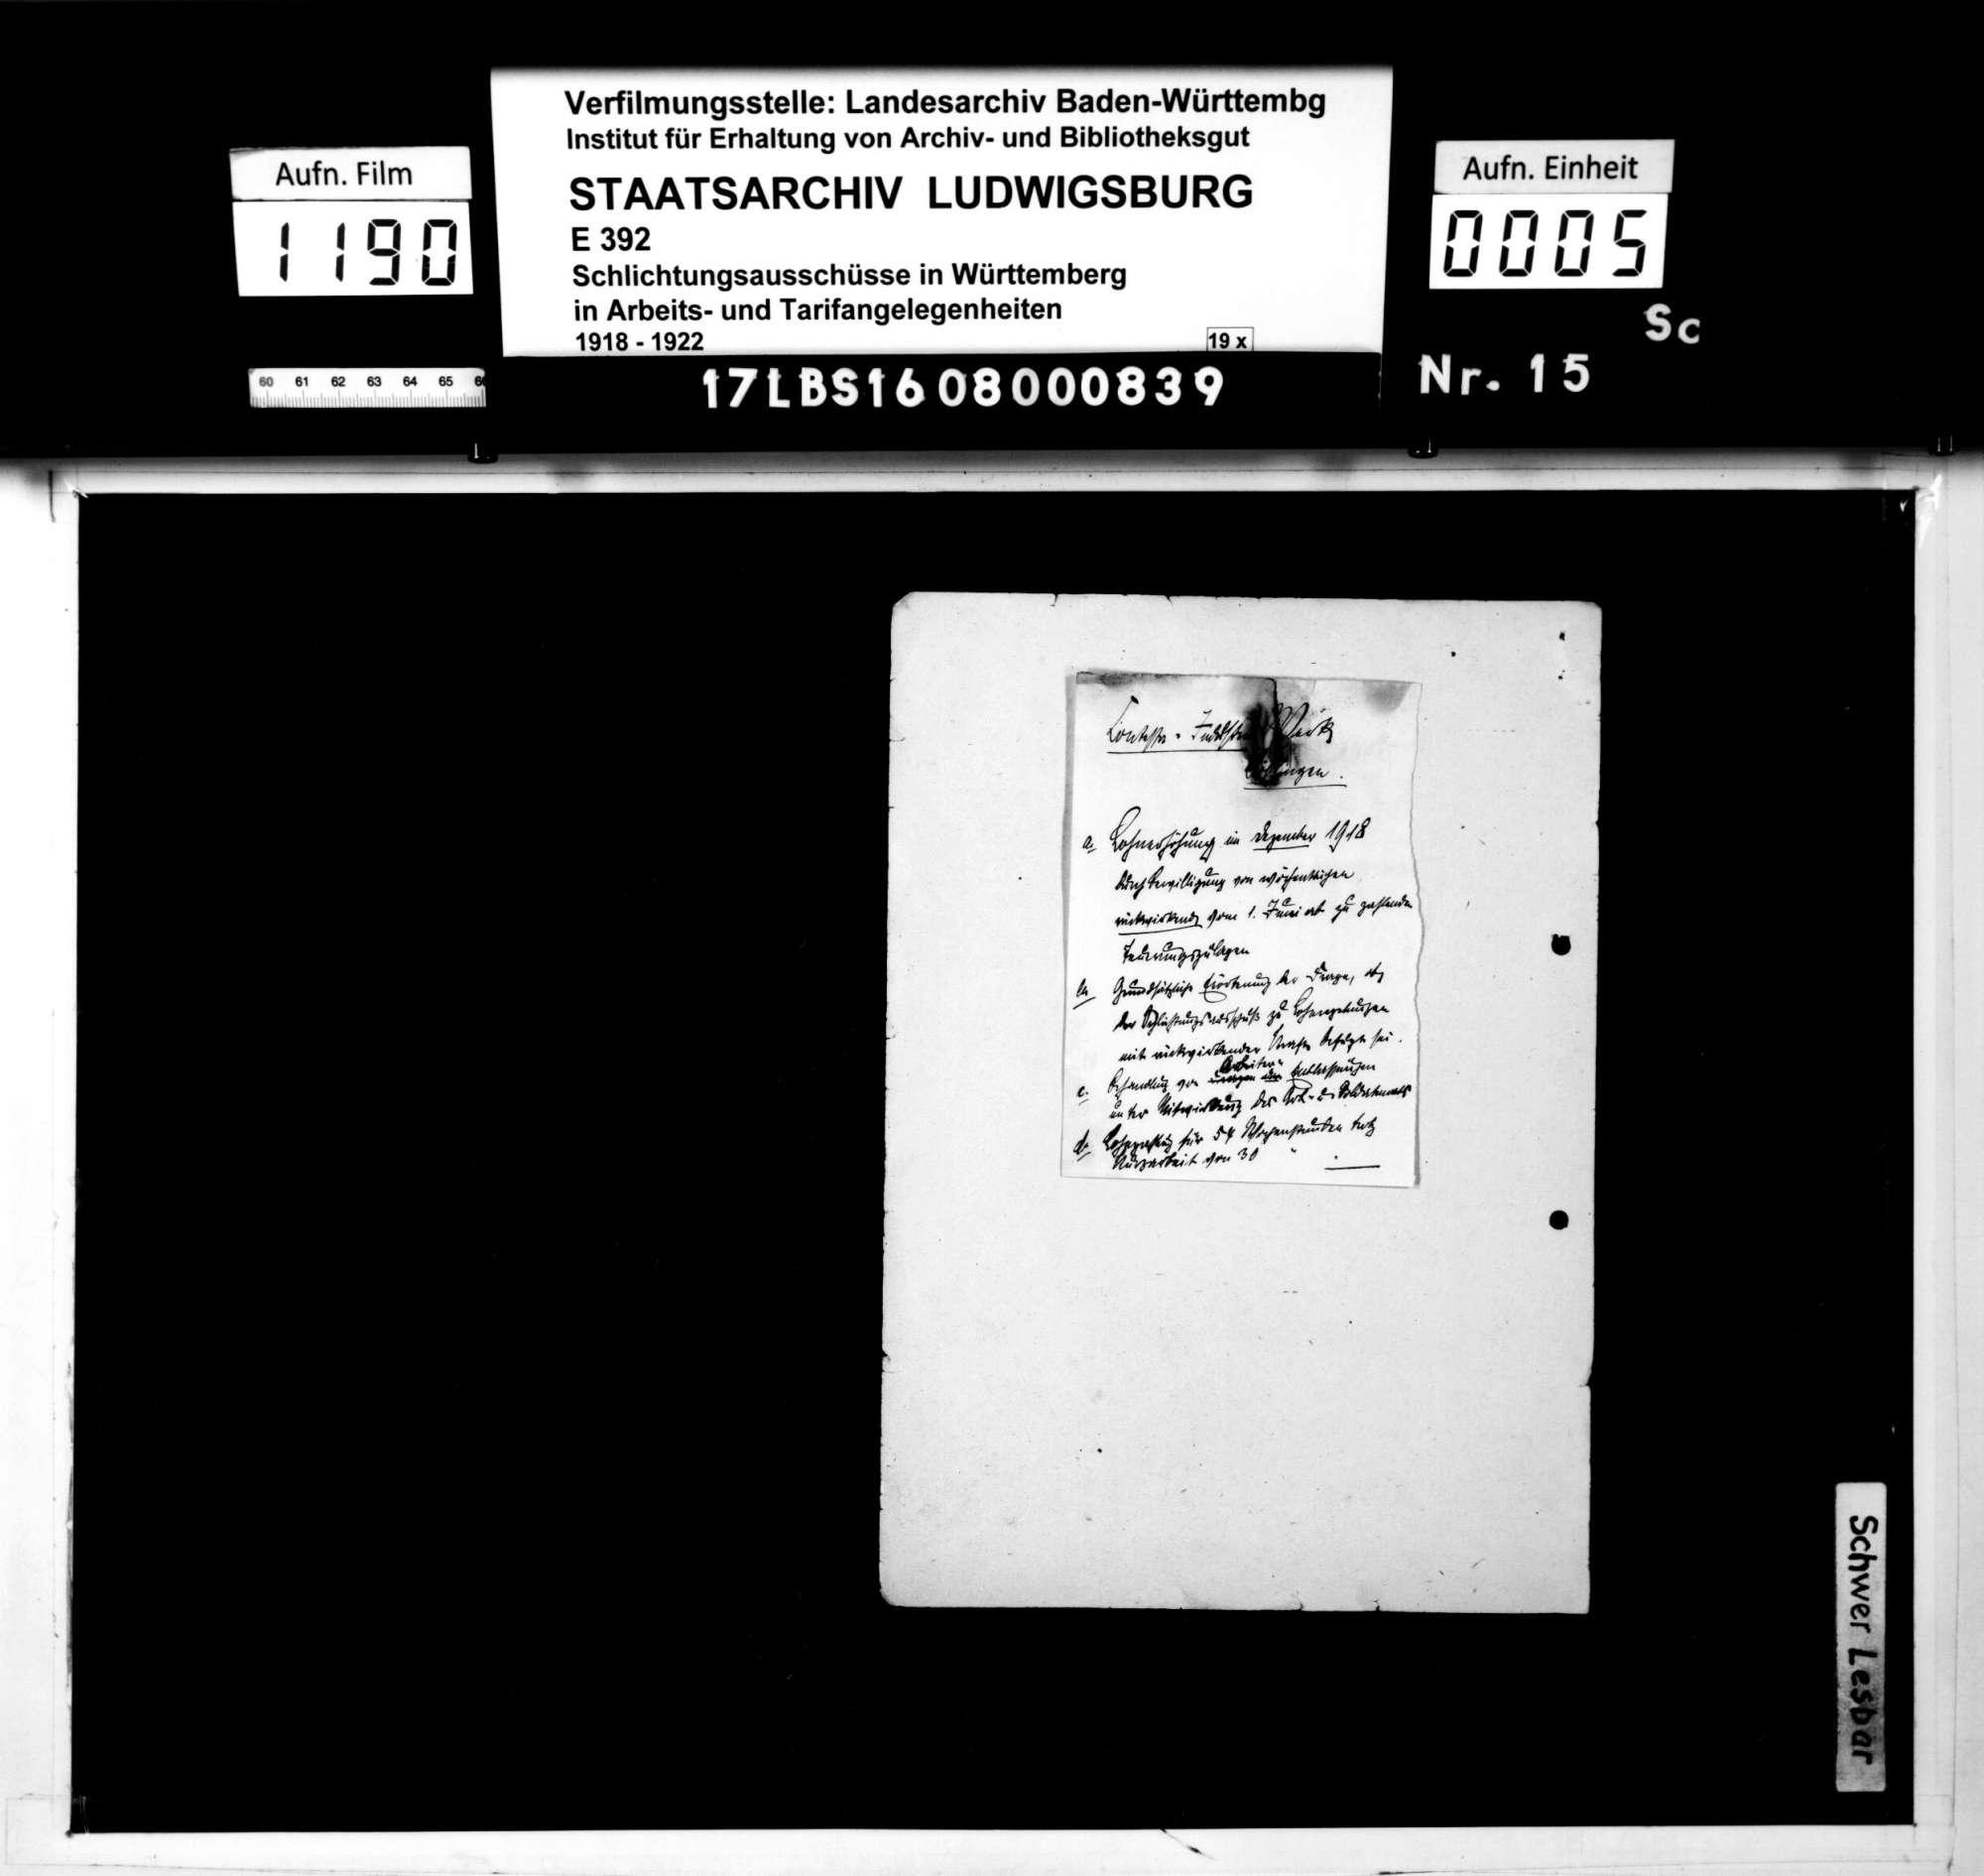 Lohnstreitigkeiten zwischen der Arbeiterschaft und der Betriebsleitung der Firma Contessa-Industrie-Werke August NagelQu. Böblingen - Stuttgart - Reutlingen, Werk Böblingen, weben verweigerter Gewährung von Teuerungszulagen, Bild 3